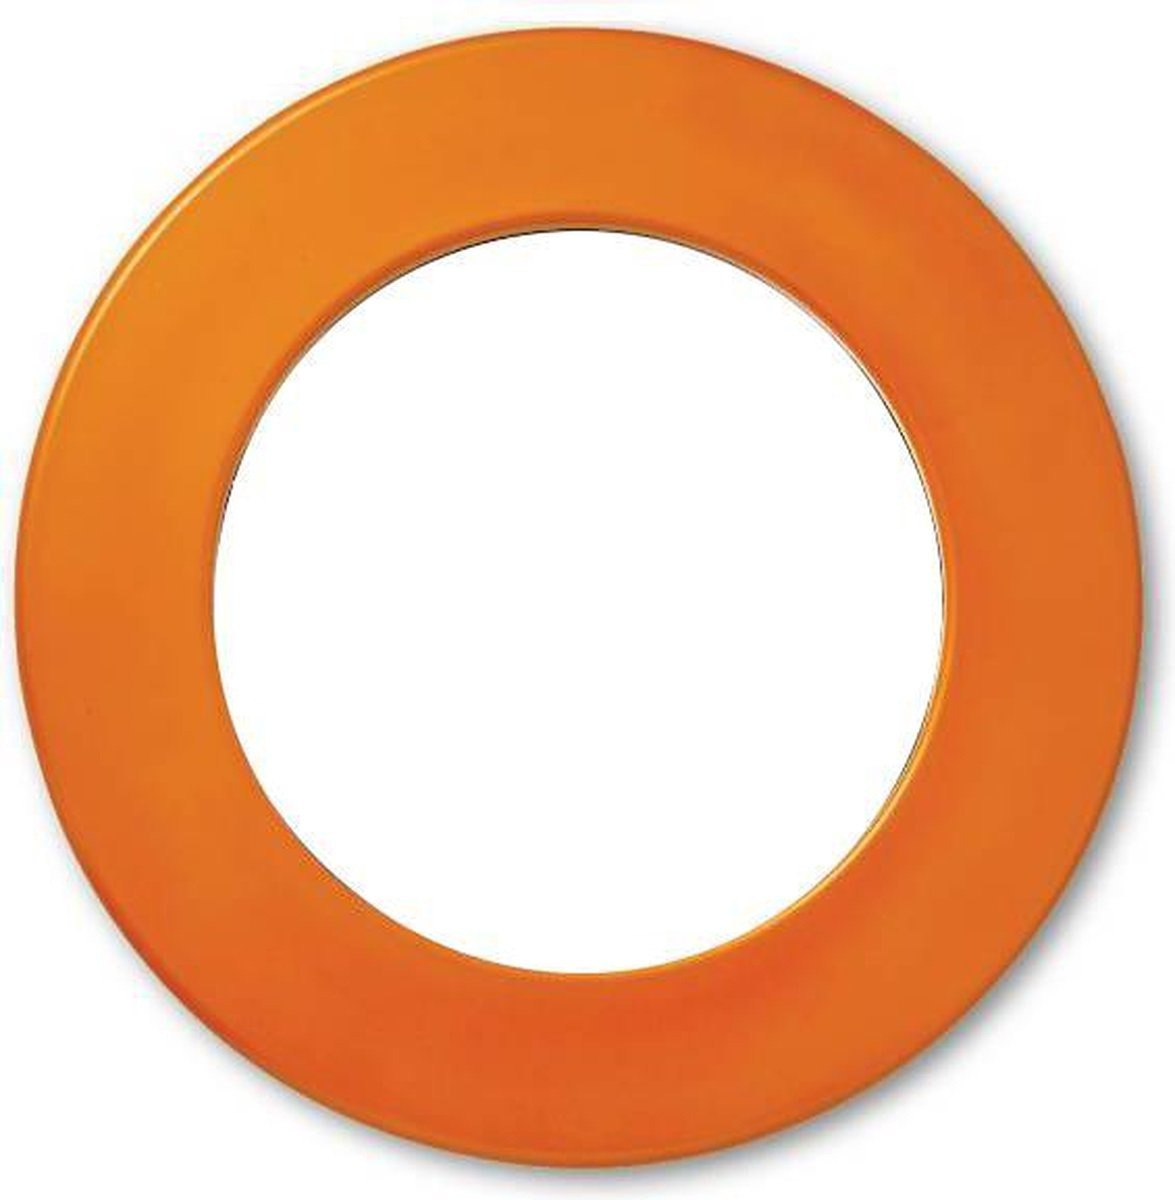 Winmau Darts Winmau Dartbord Surround - Oranje